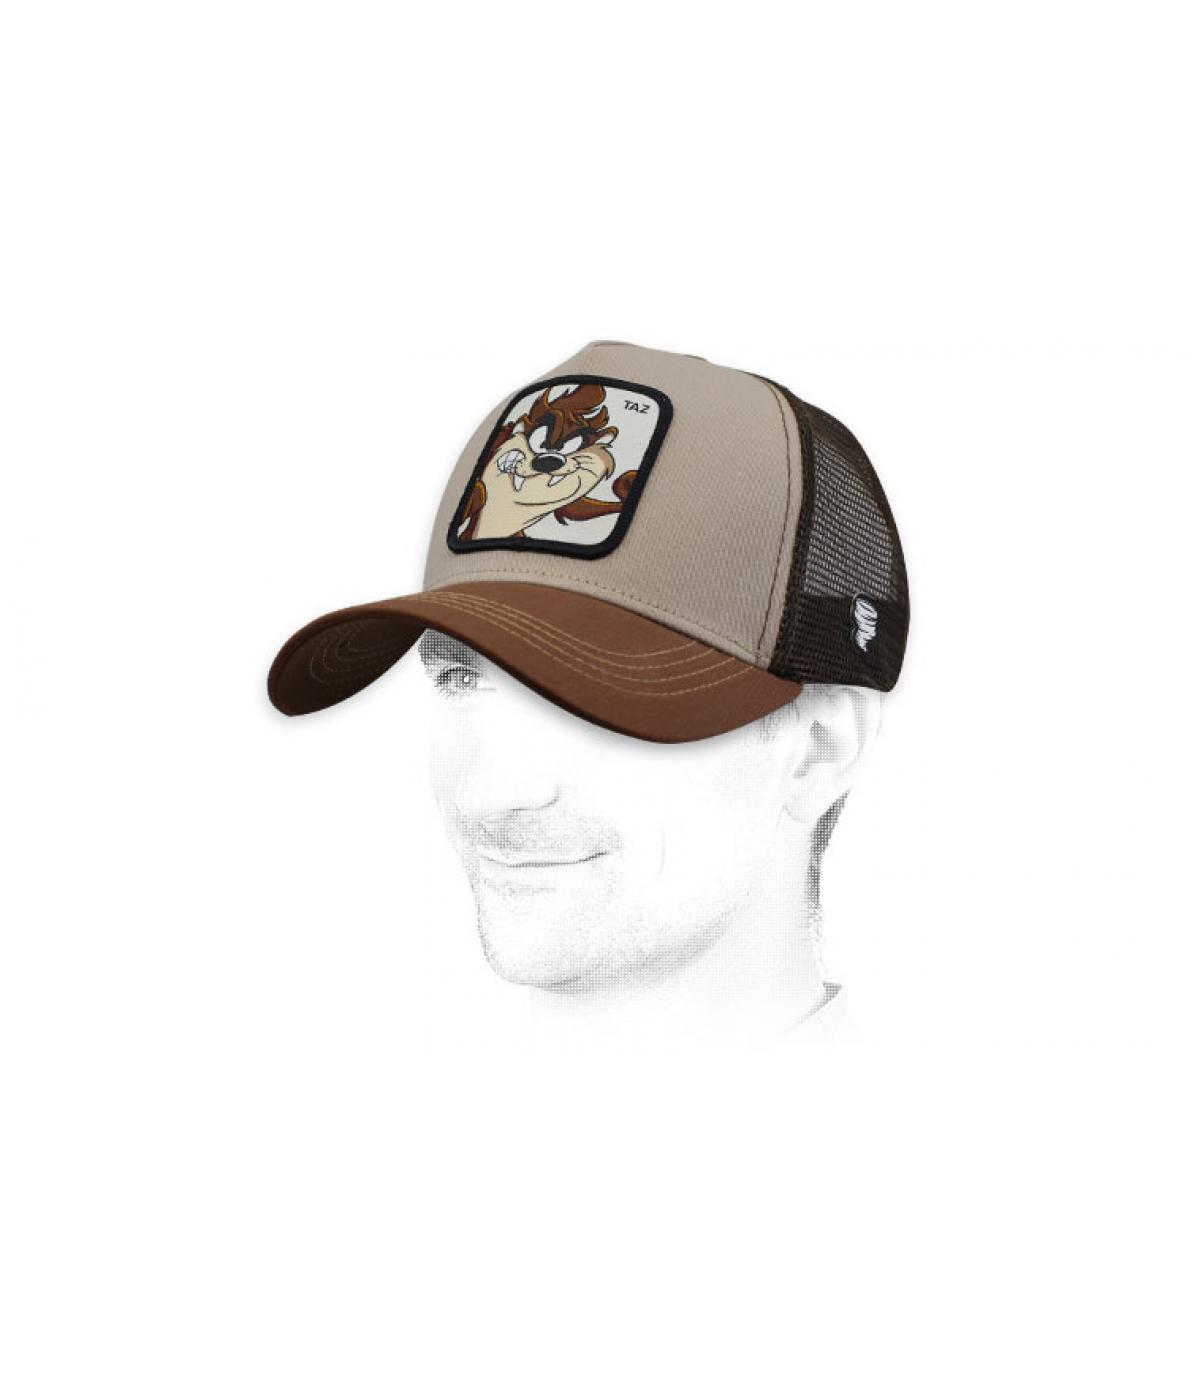 Taz khaki trucker cap